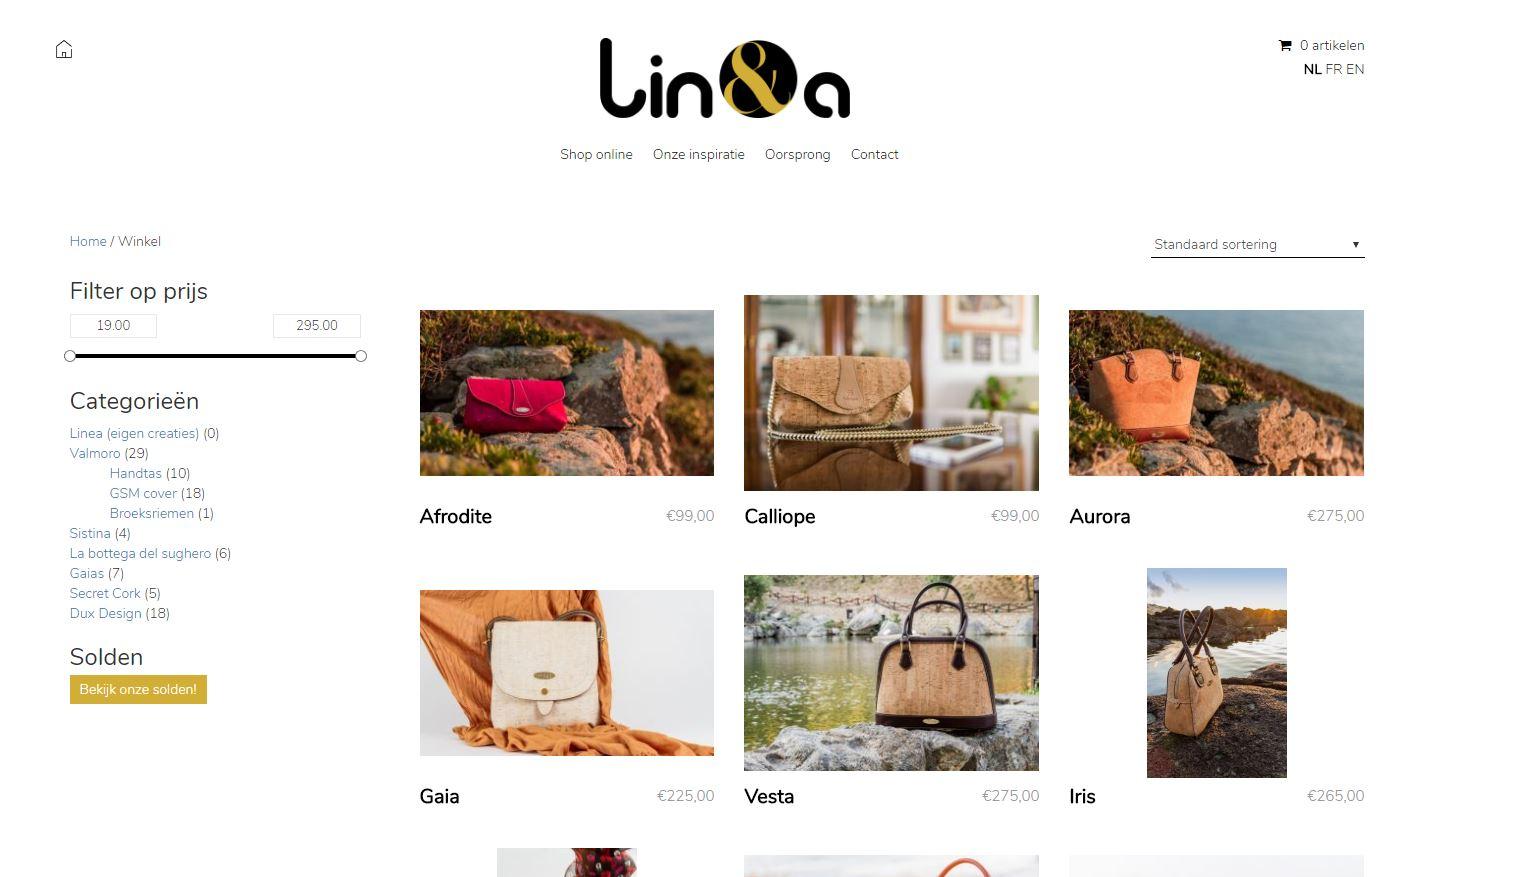 Linea shop online 1